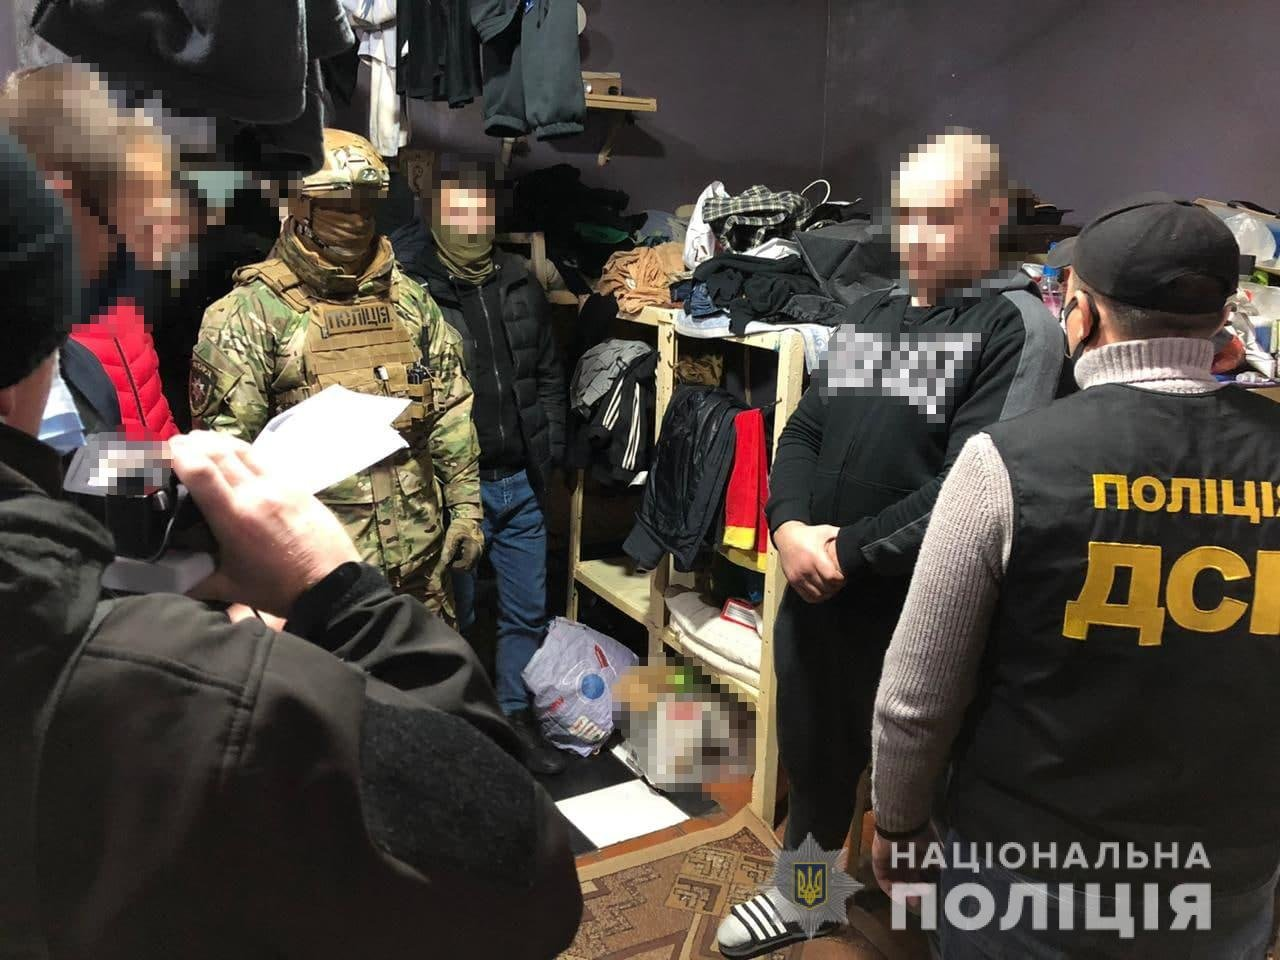 На Хмельниччині затримали «наглядача» СІЗО, фото-6